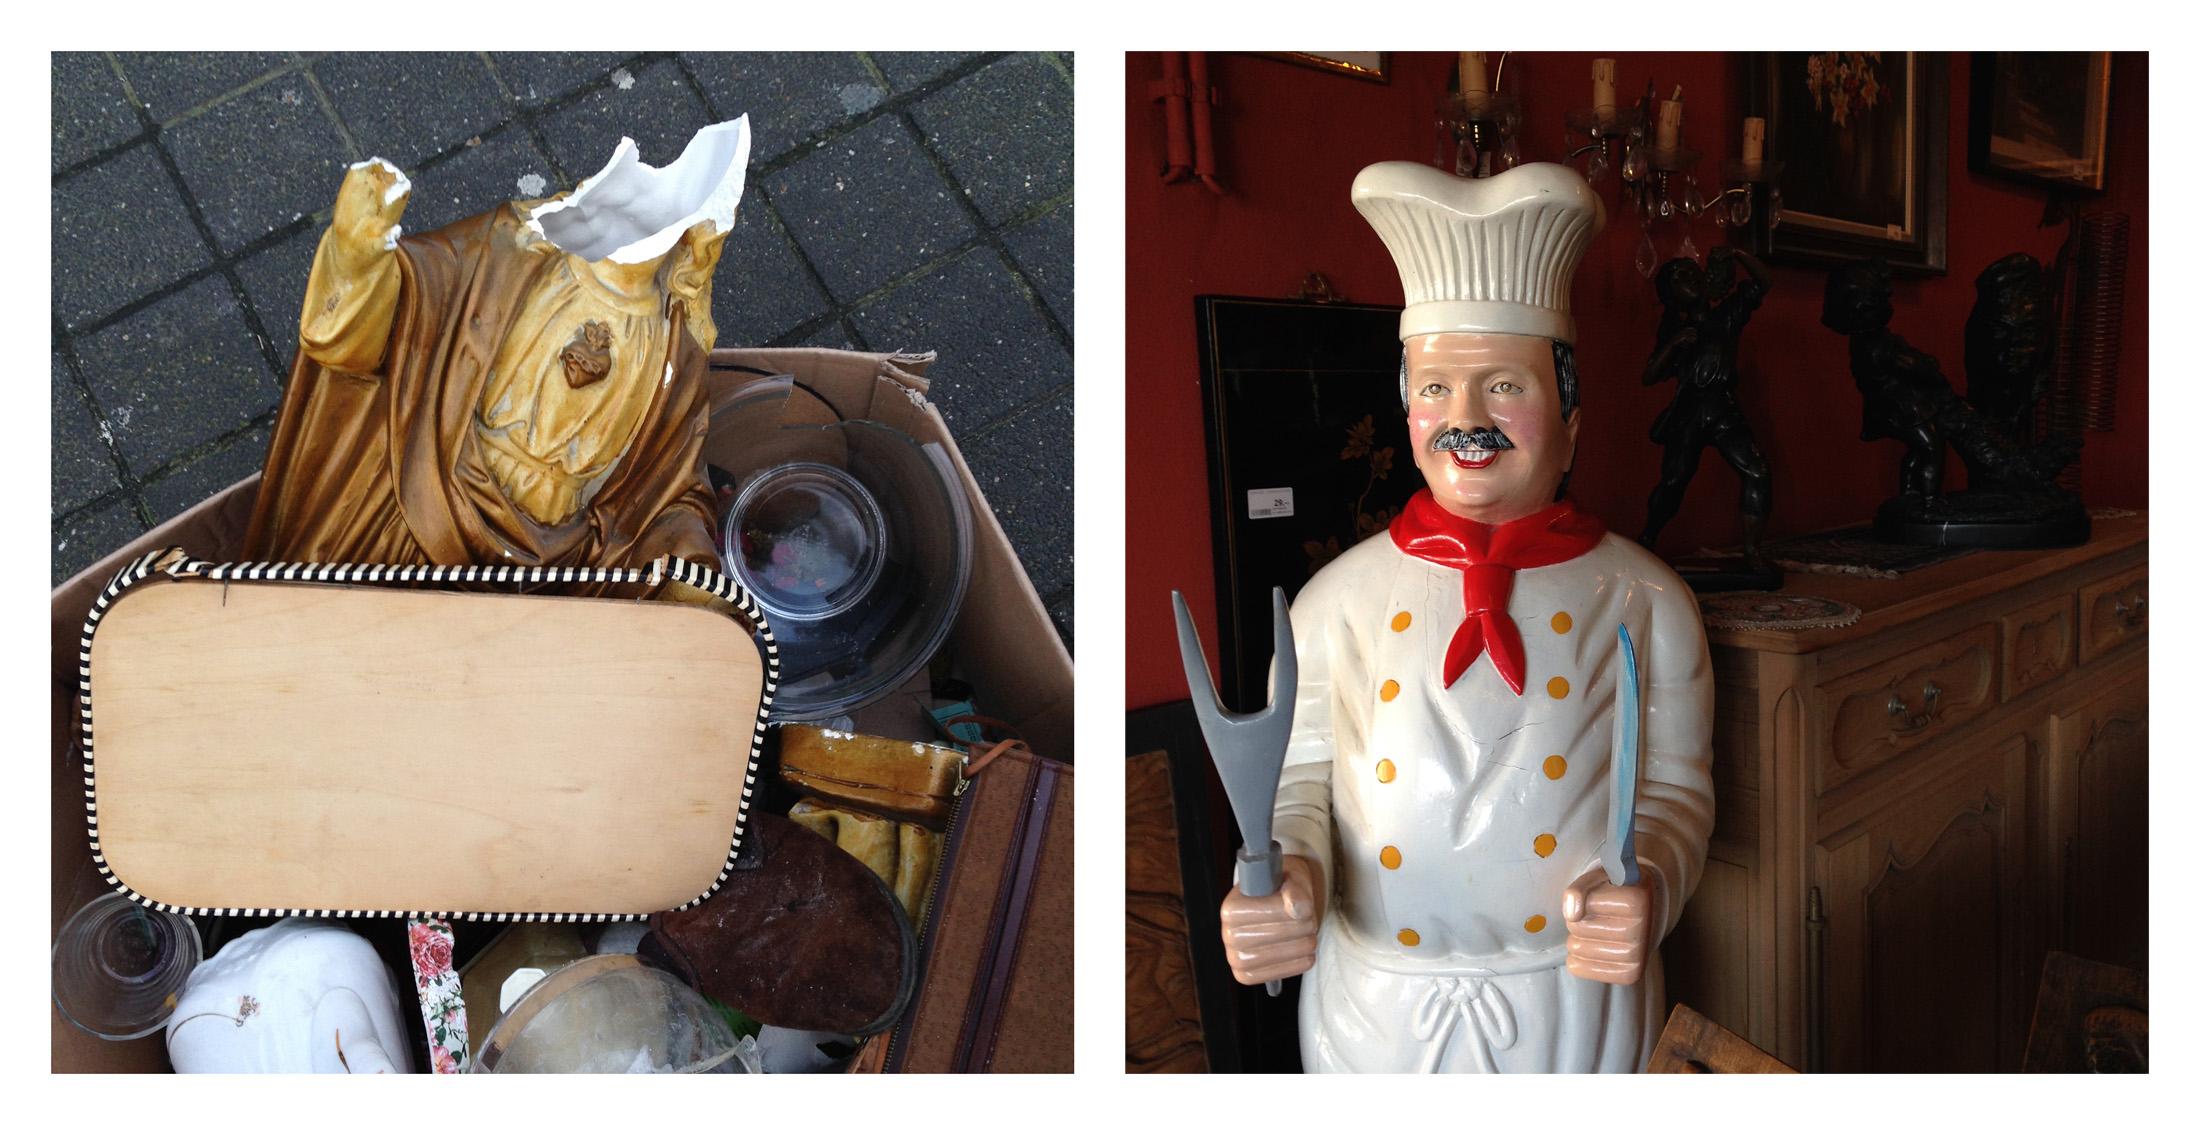 Chef_(c)JV_LO.jpg